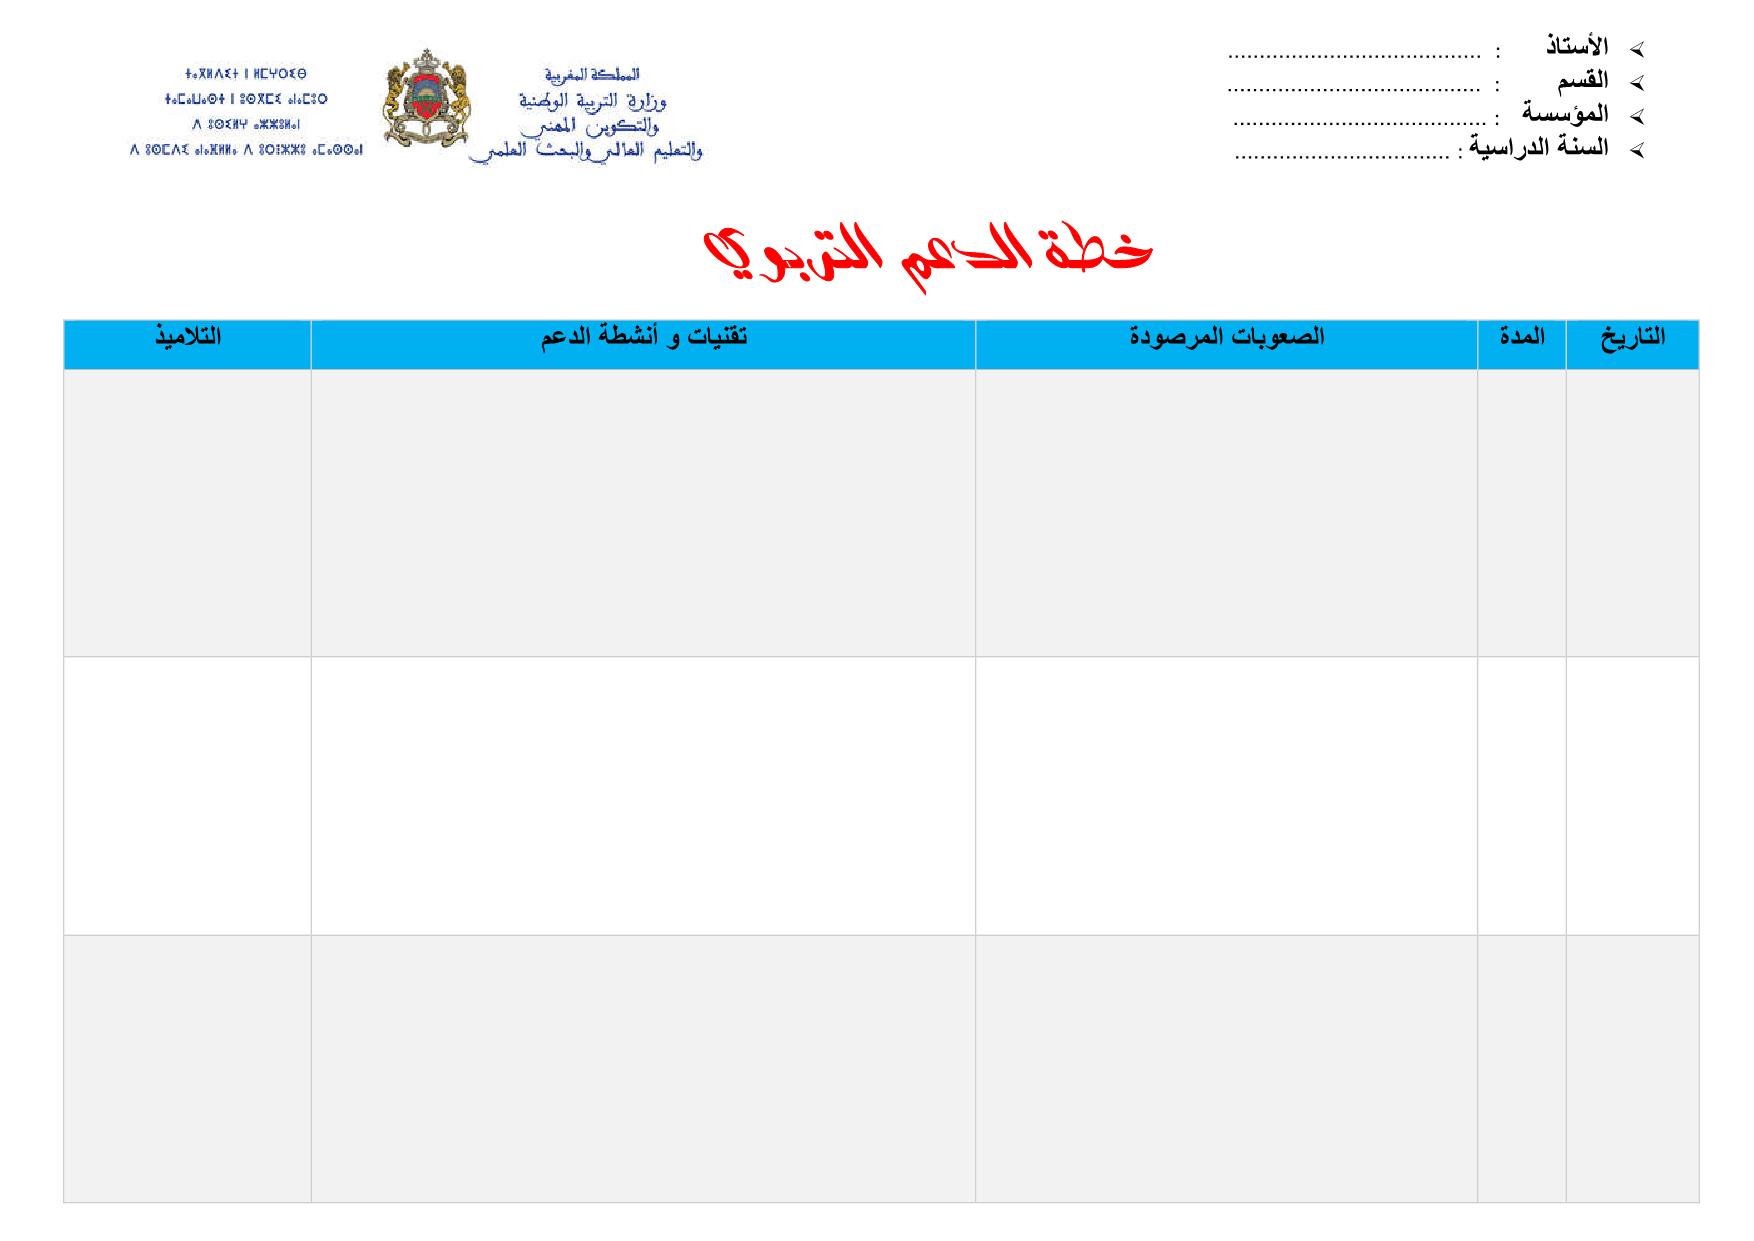 خطة الدعم التربوي مفصلة لكل حصة - اللغة العربية